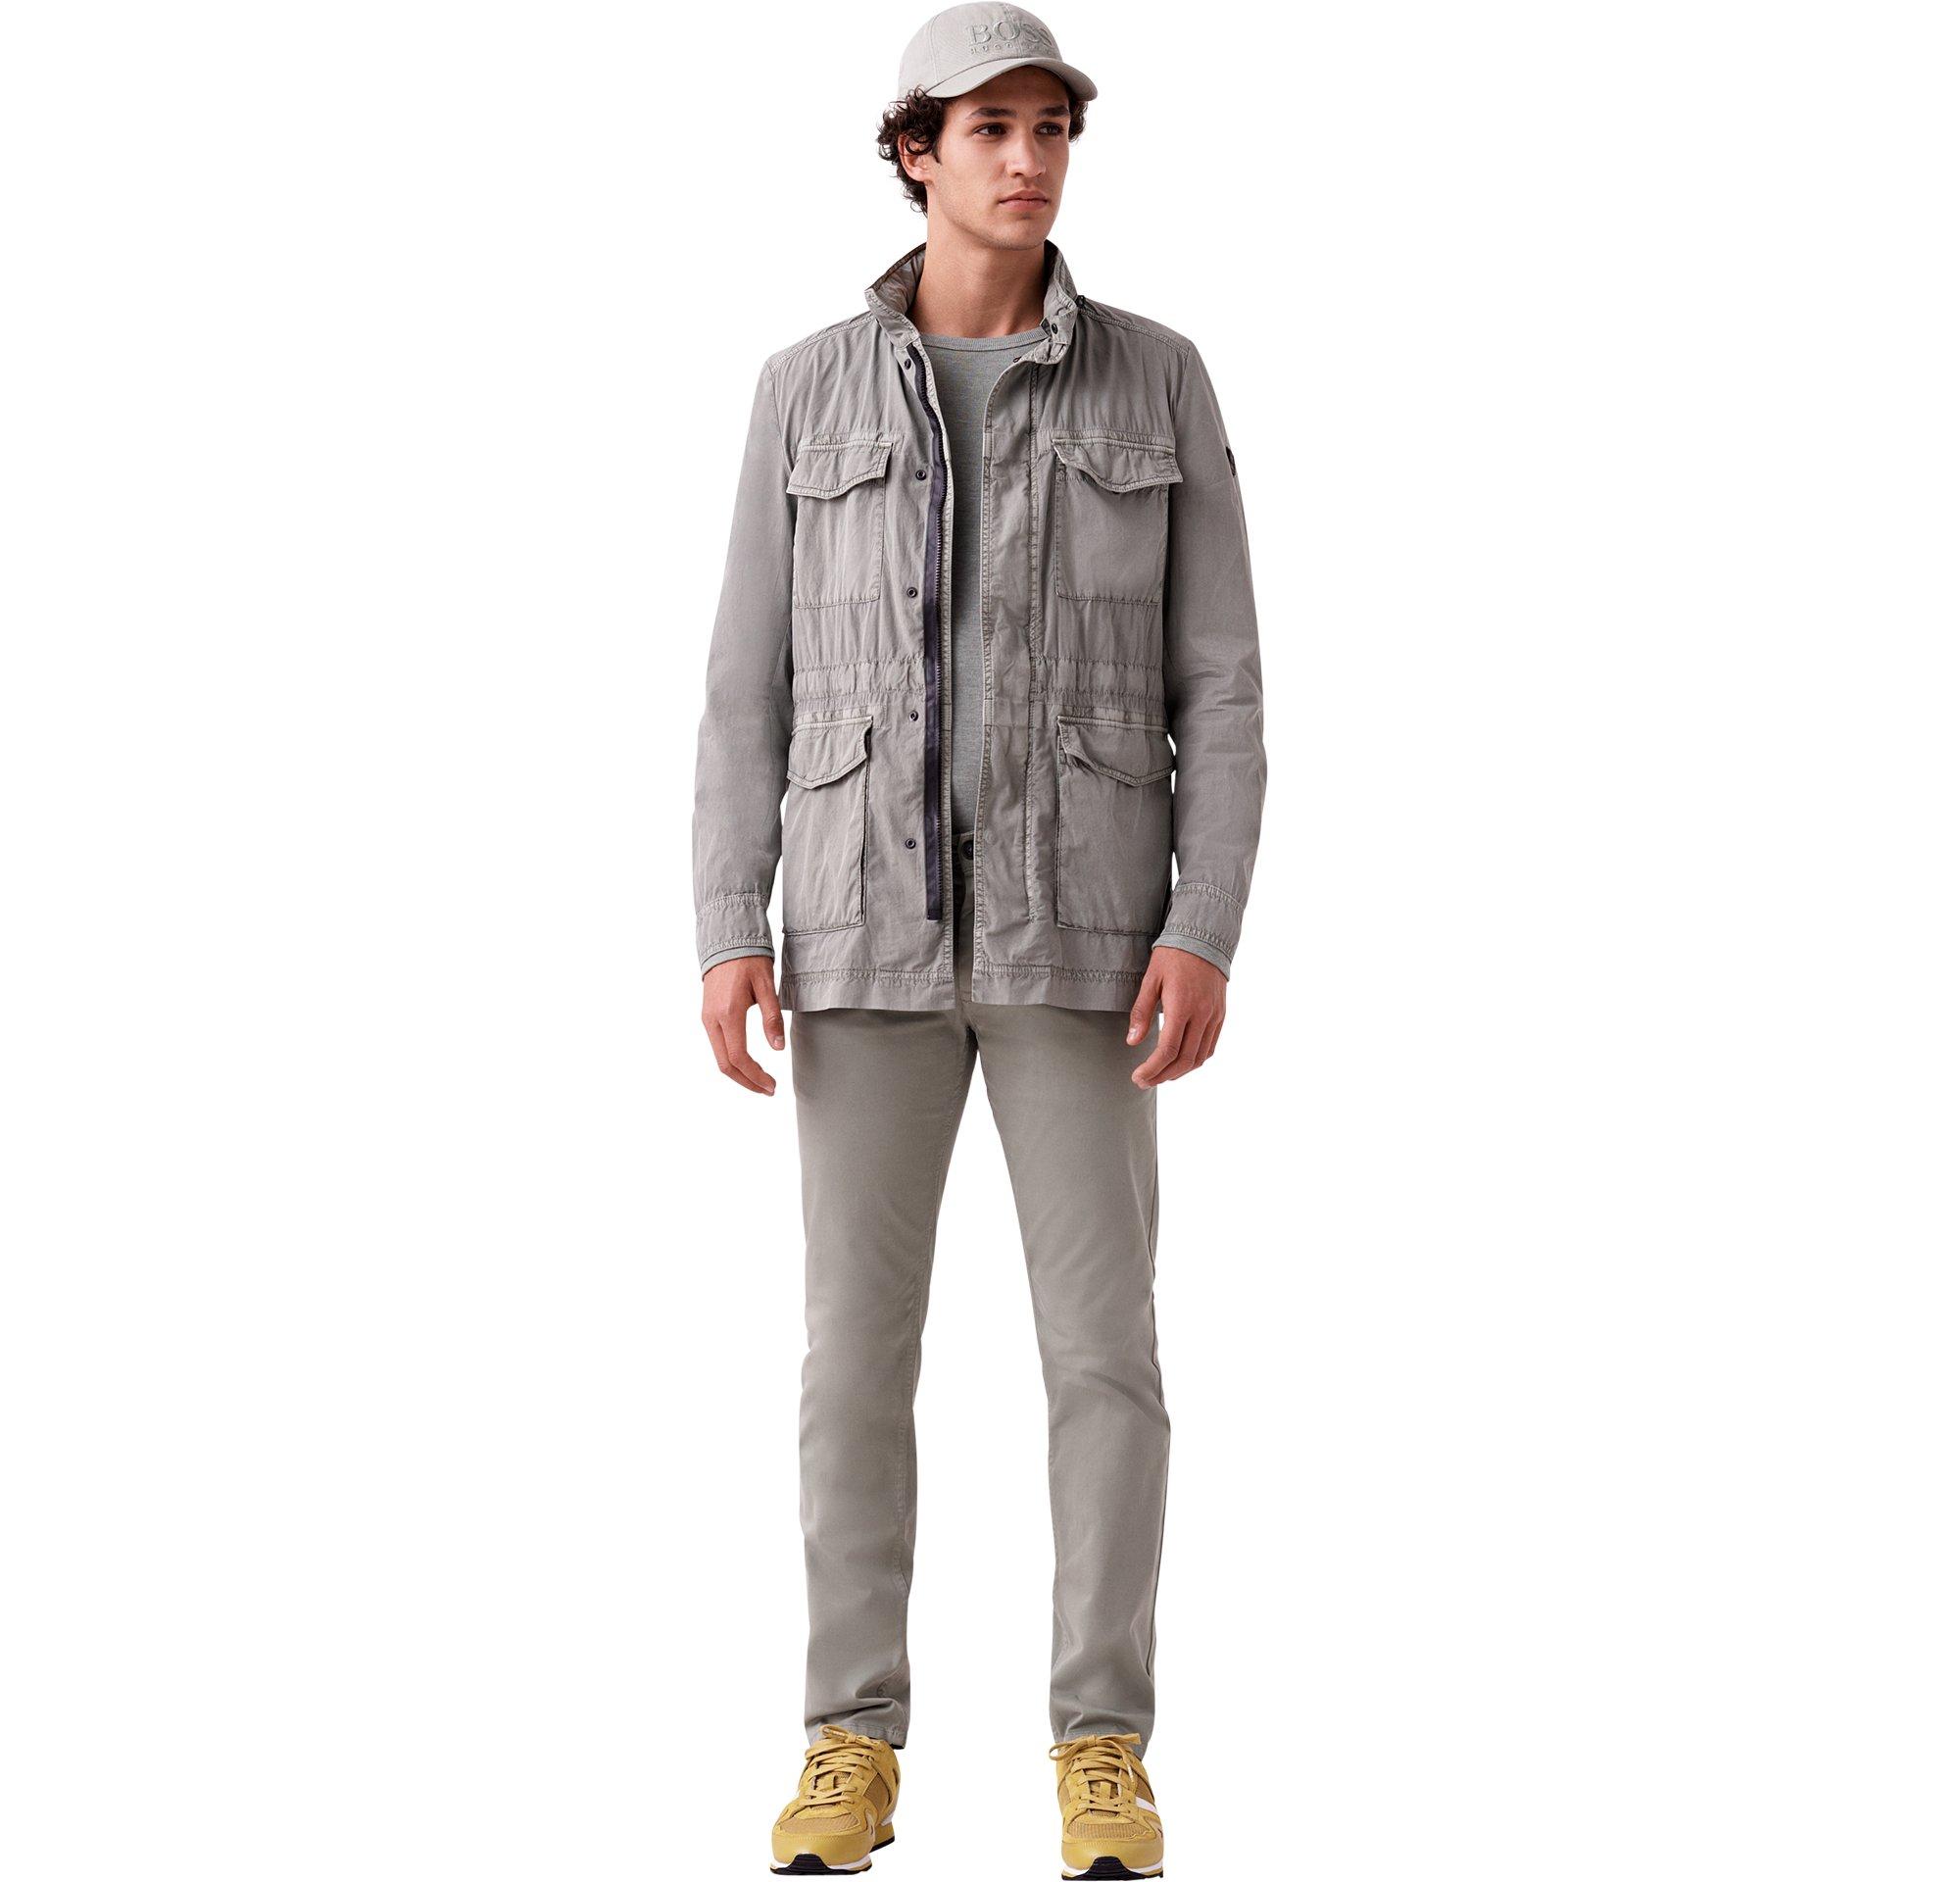 BOSS_ORANGE_Men_SR18_Look_35,